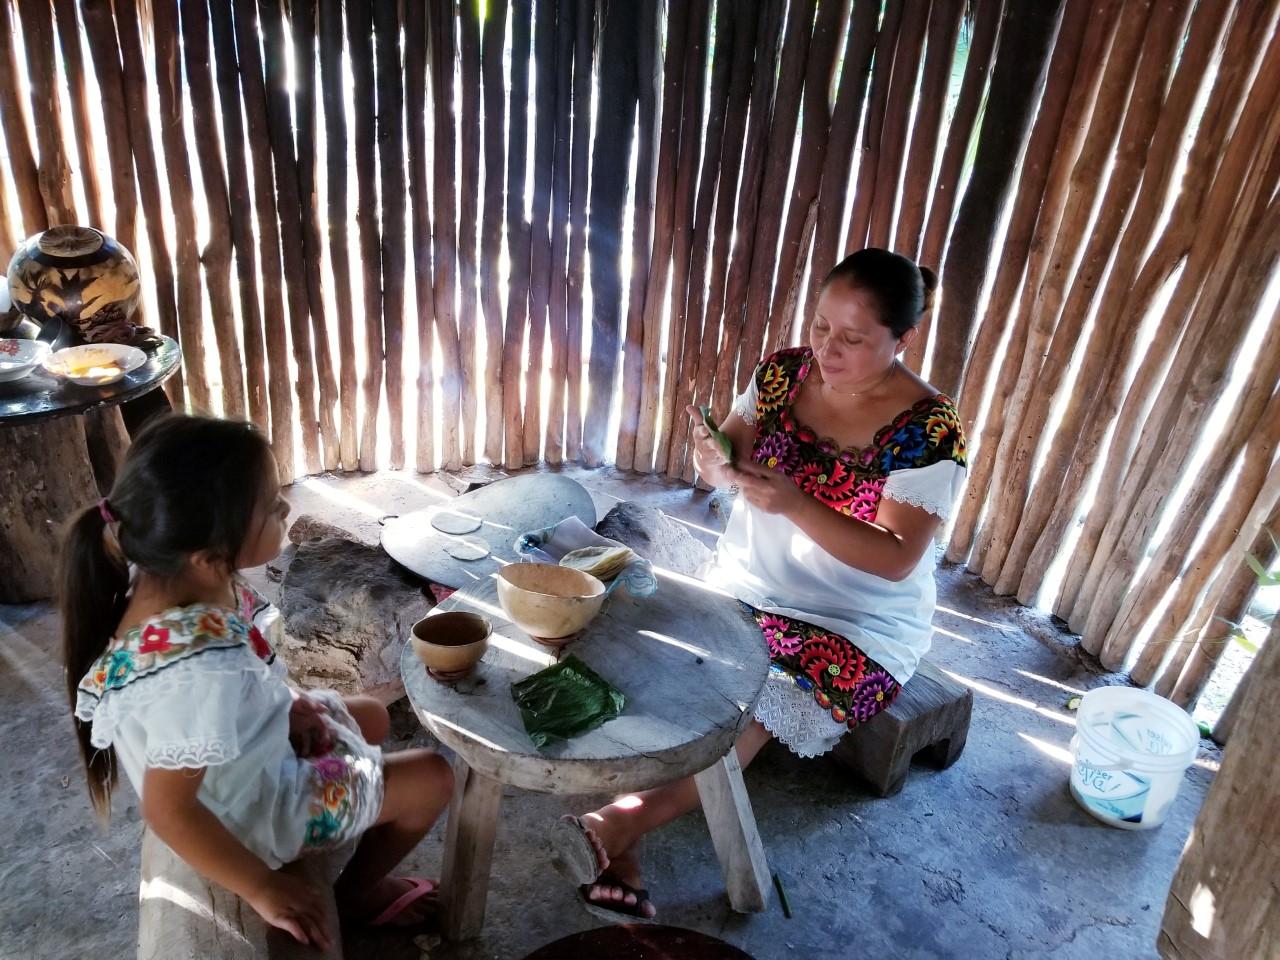 Mayan village kitchen